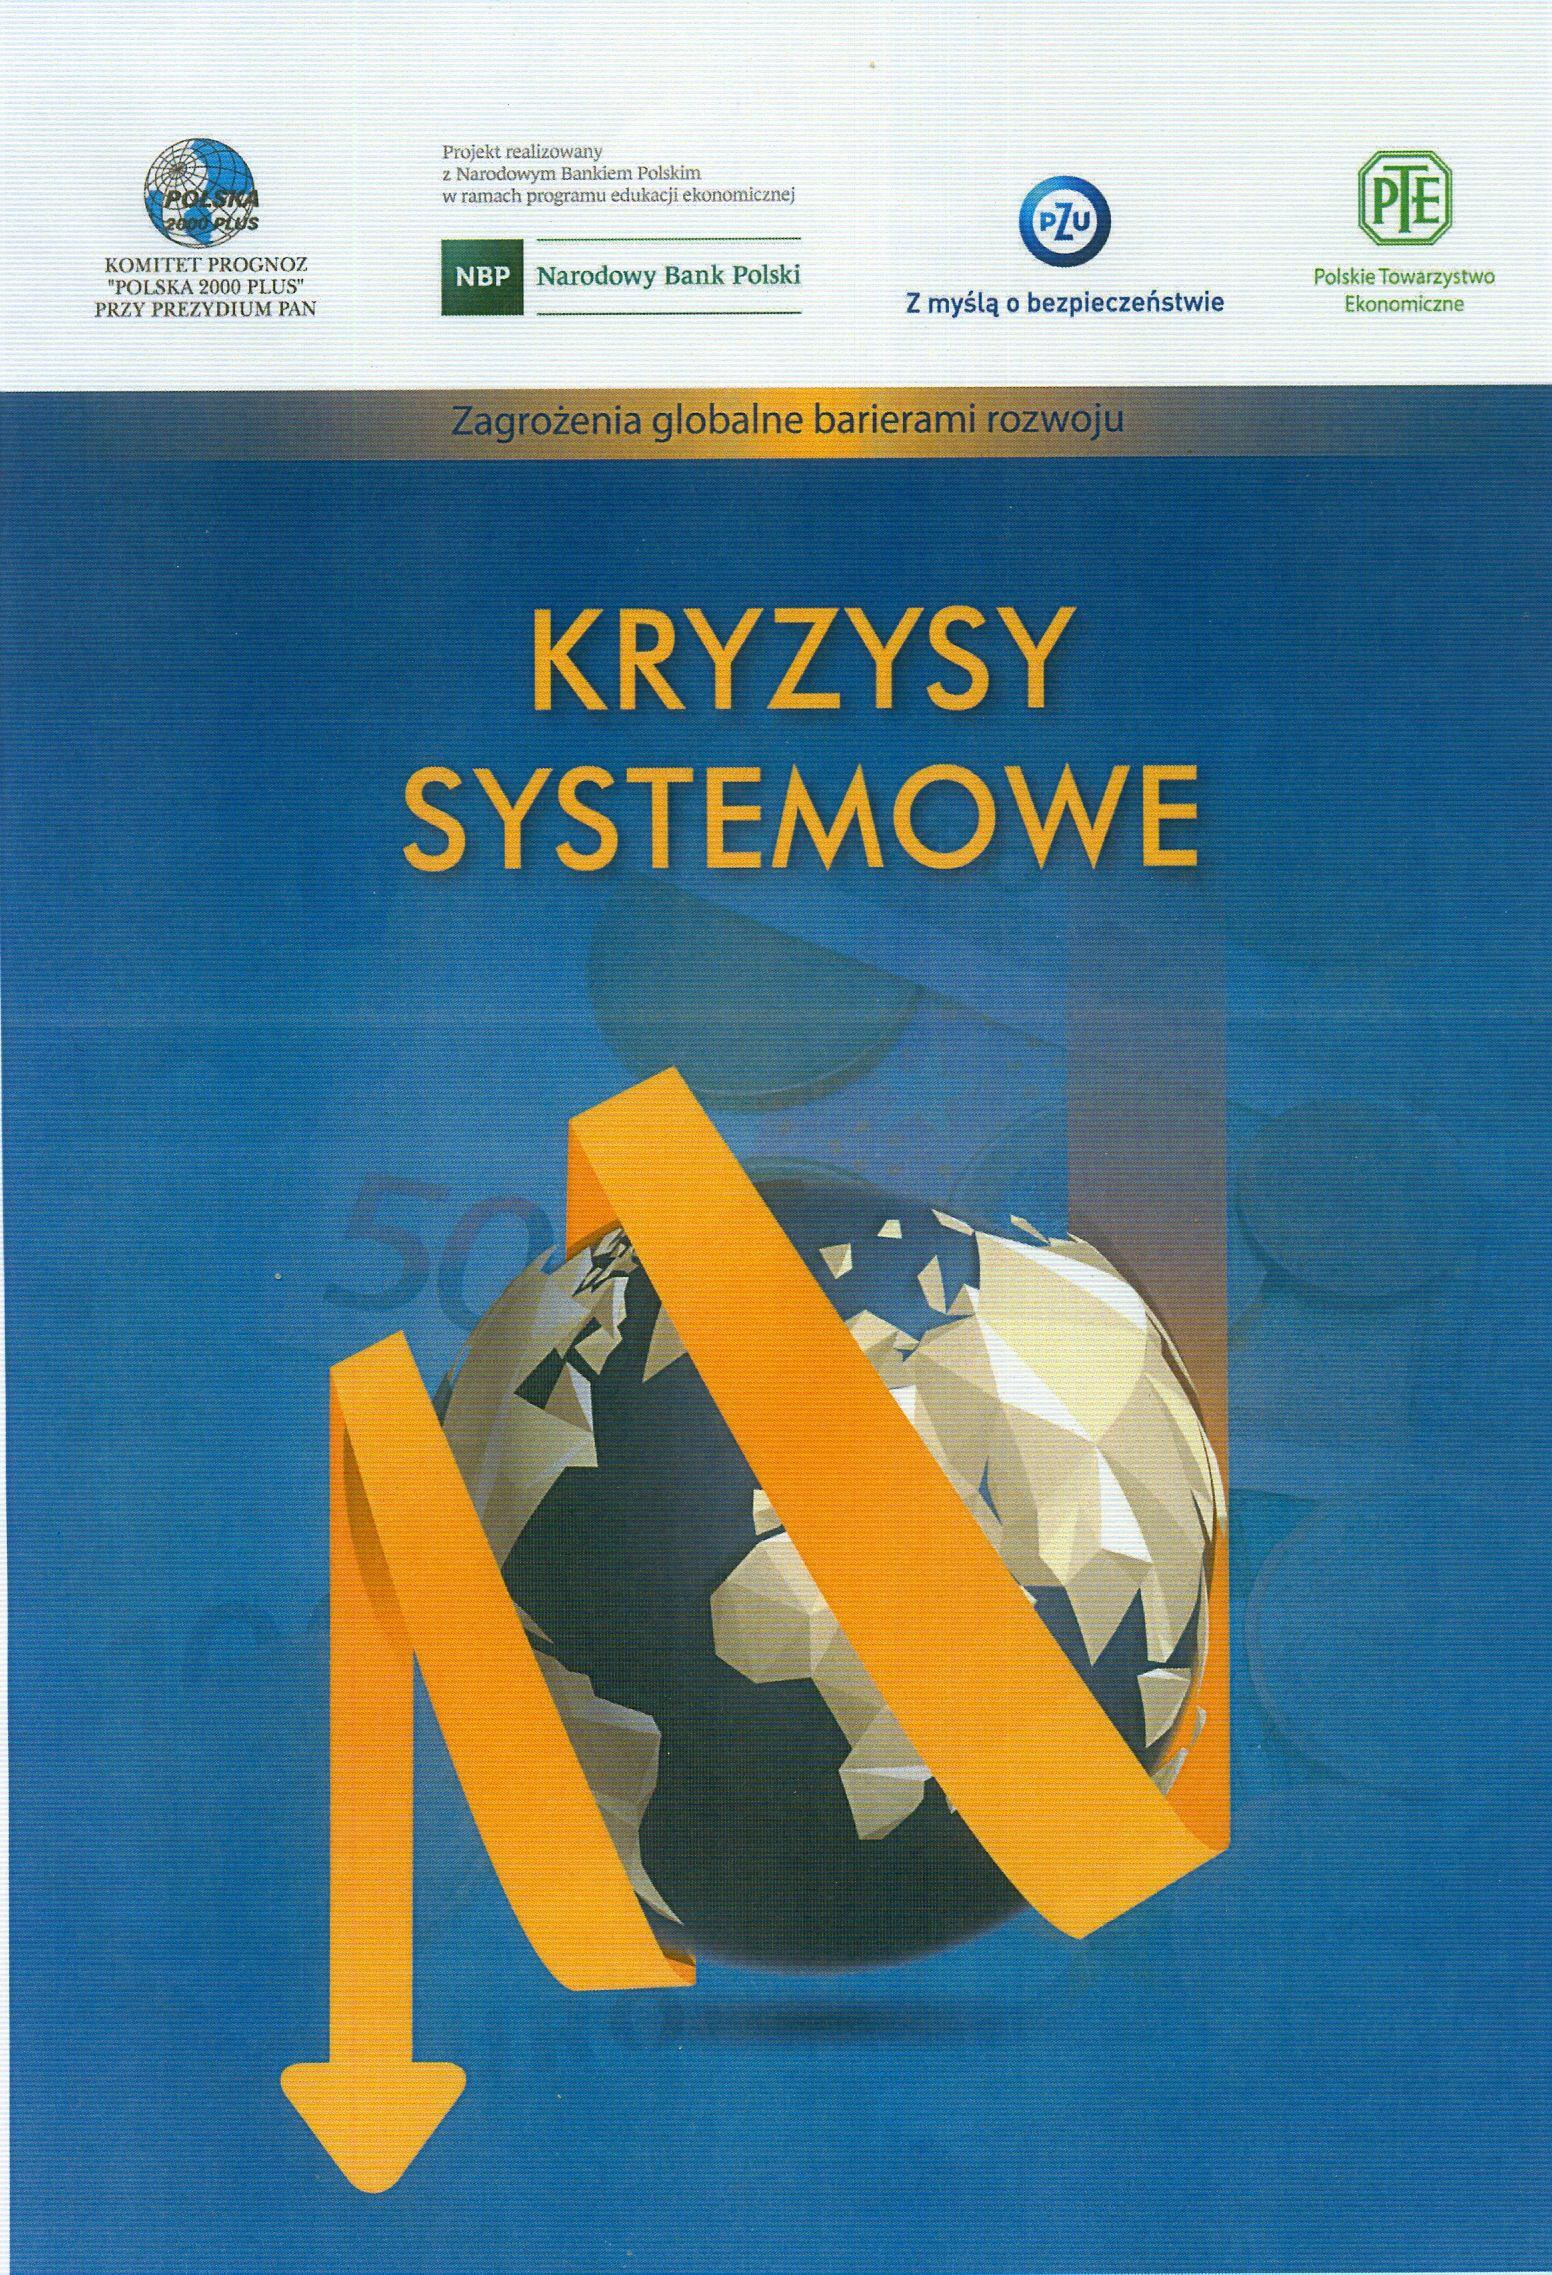 kryzysy-systemowe-zagrozenia-globalne-barierami-rozwoju